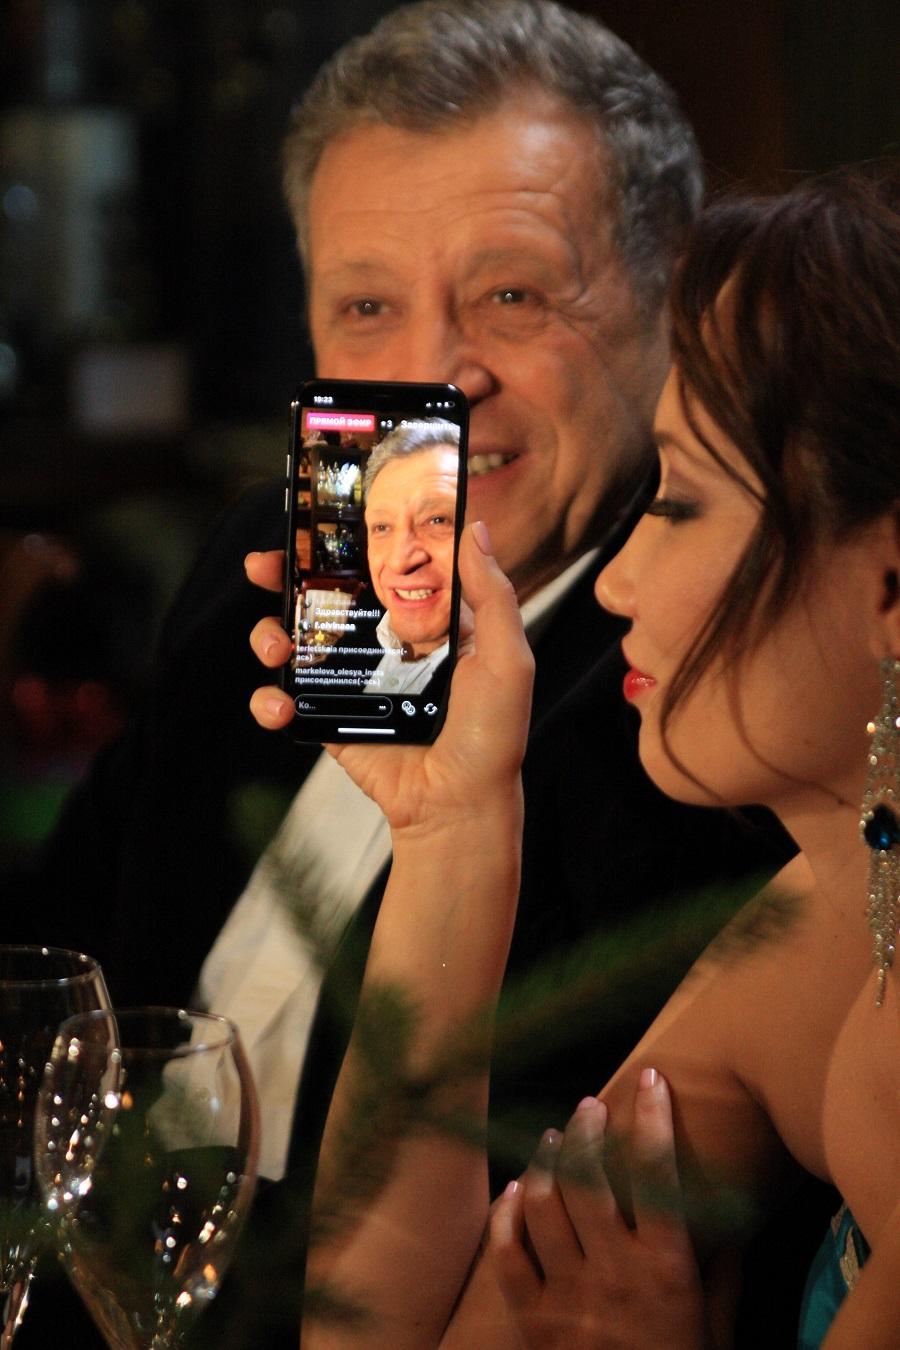 Где и как послушать НОВОГОДНЮЮ ПЕСНЮ от Бориса Грачевского и Екатерины Белоцерковской!  Сотрудничество с НАЦИОНАЛЬНЫМ ЦИФРОВЫМ АГРЕГАТОРОМ набирает обороты!